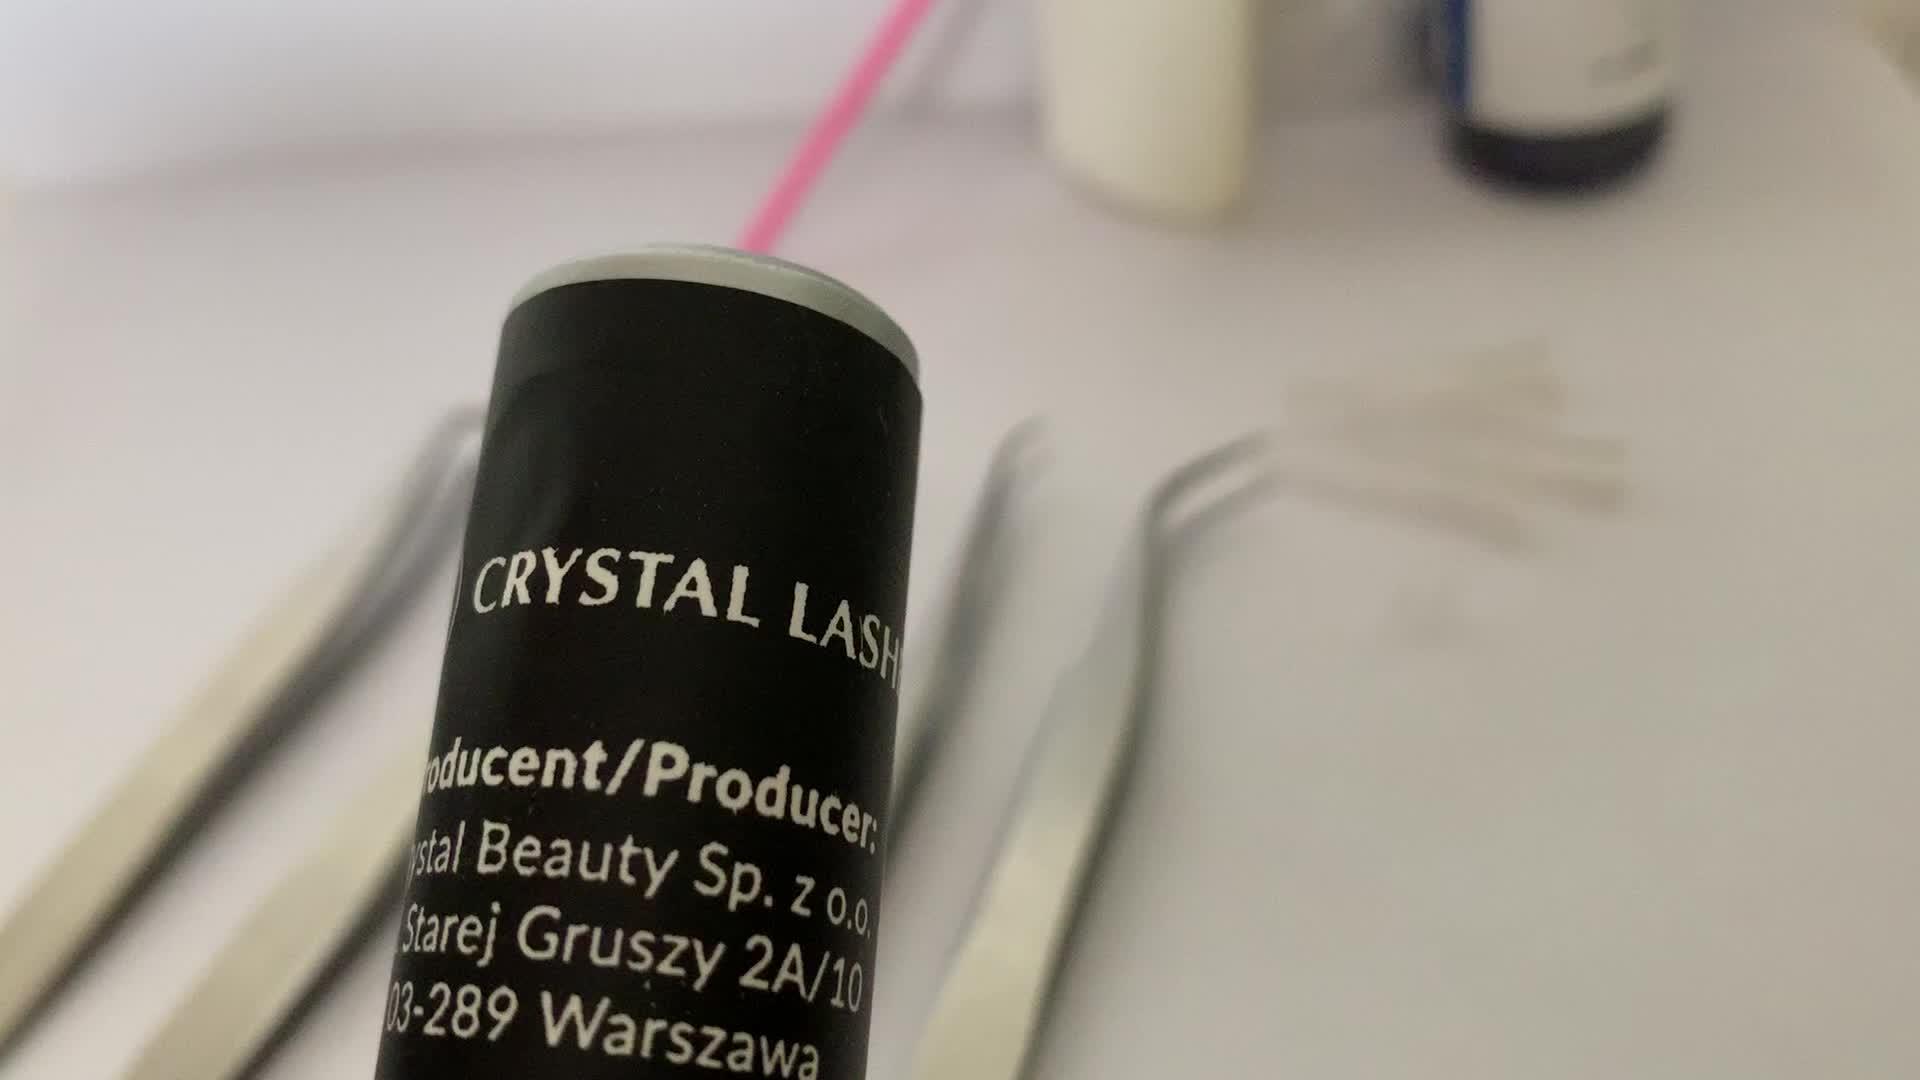 Công cụ tốt nhất giá rẻ nhất chuyên nghiệp phong cách lông mi mở rộng nhíp đặt